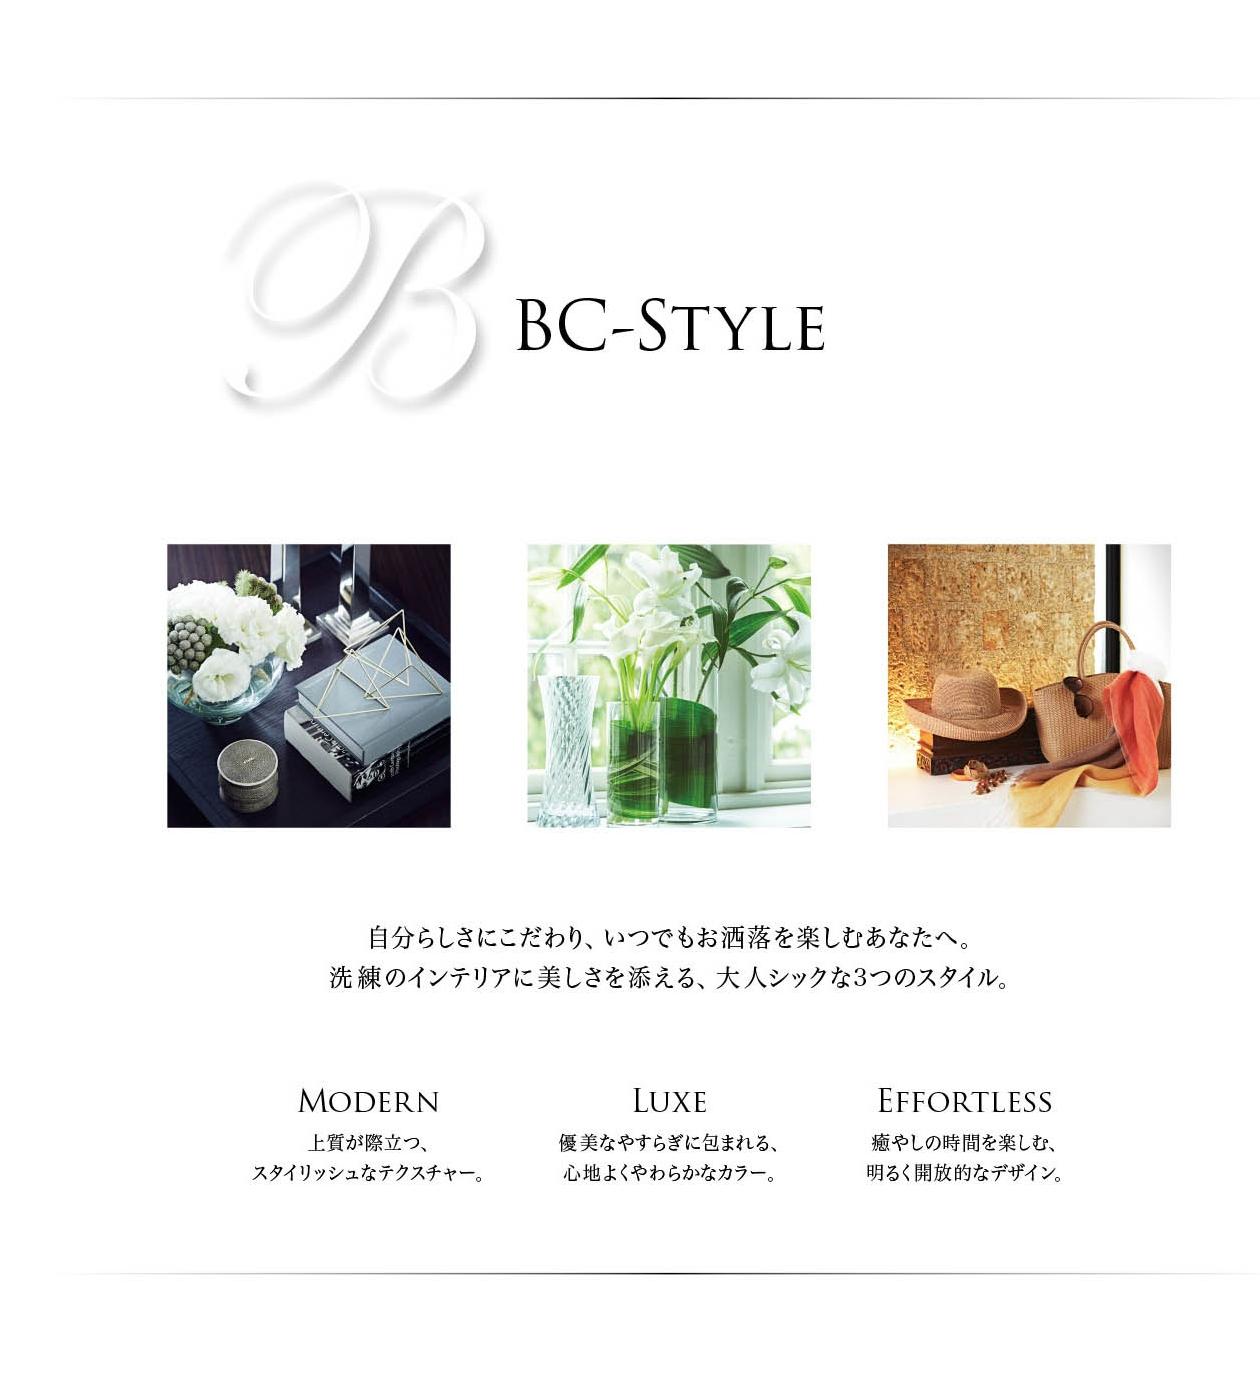 BC-STYLEjpg.jpg